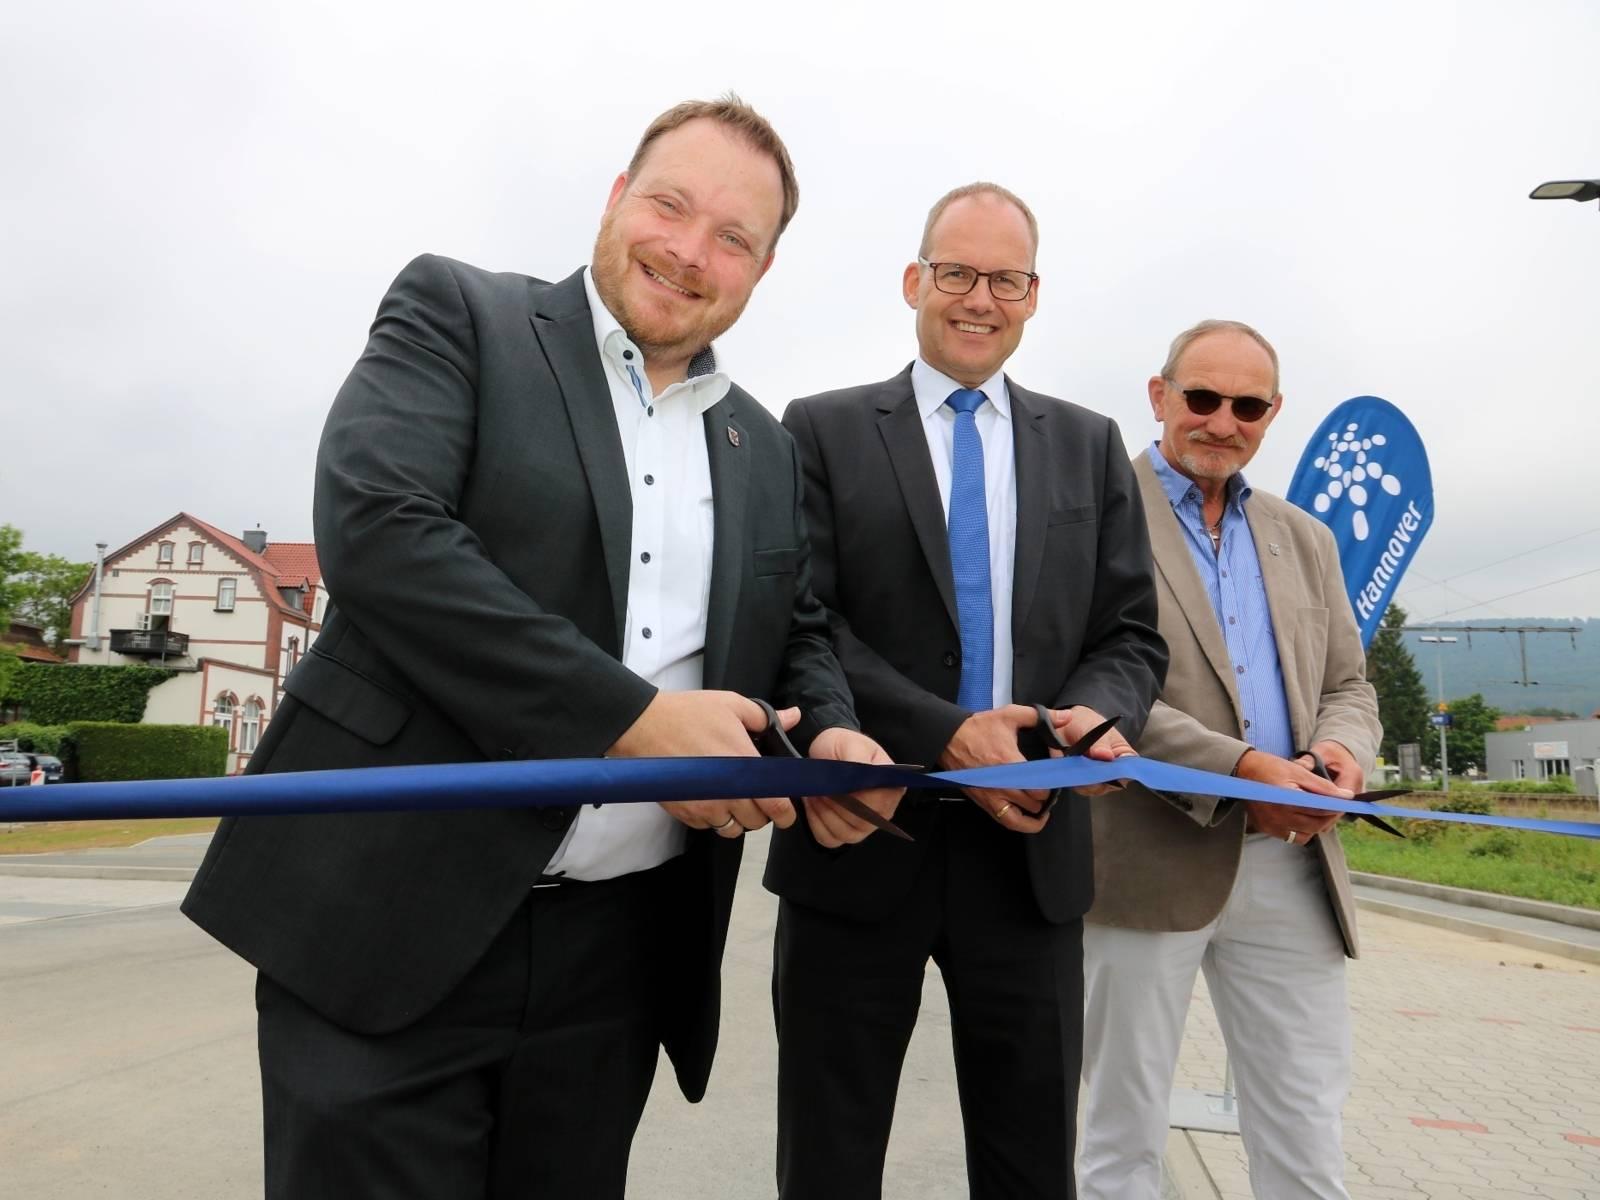 Drei Männer stehen im Freien auf einem Parkplatz und durchschneiden ein blaues Band.